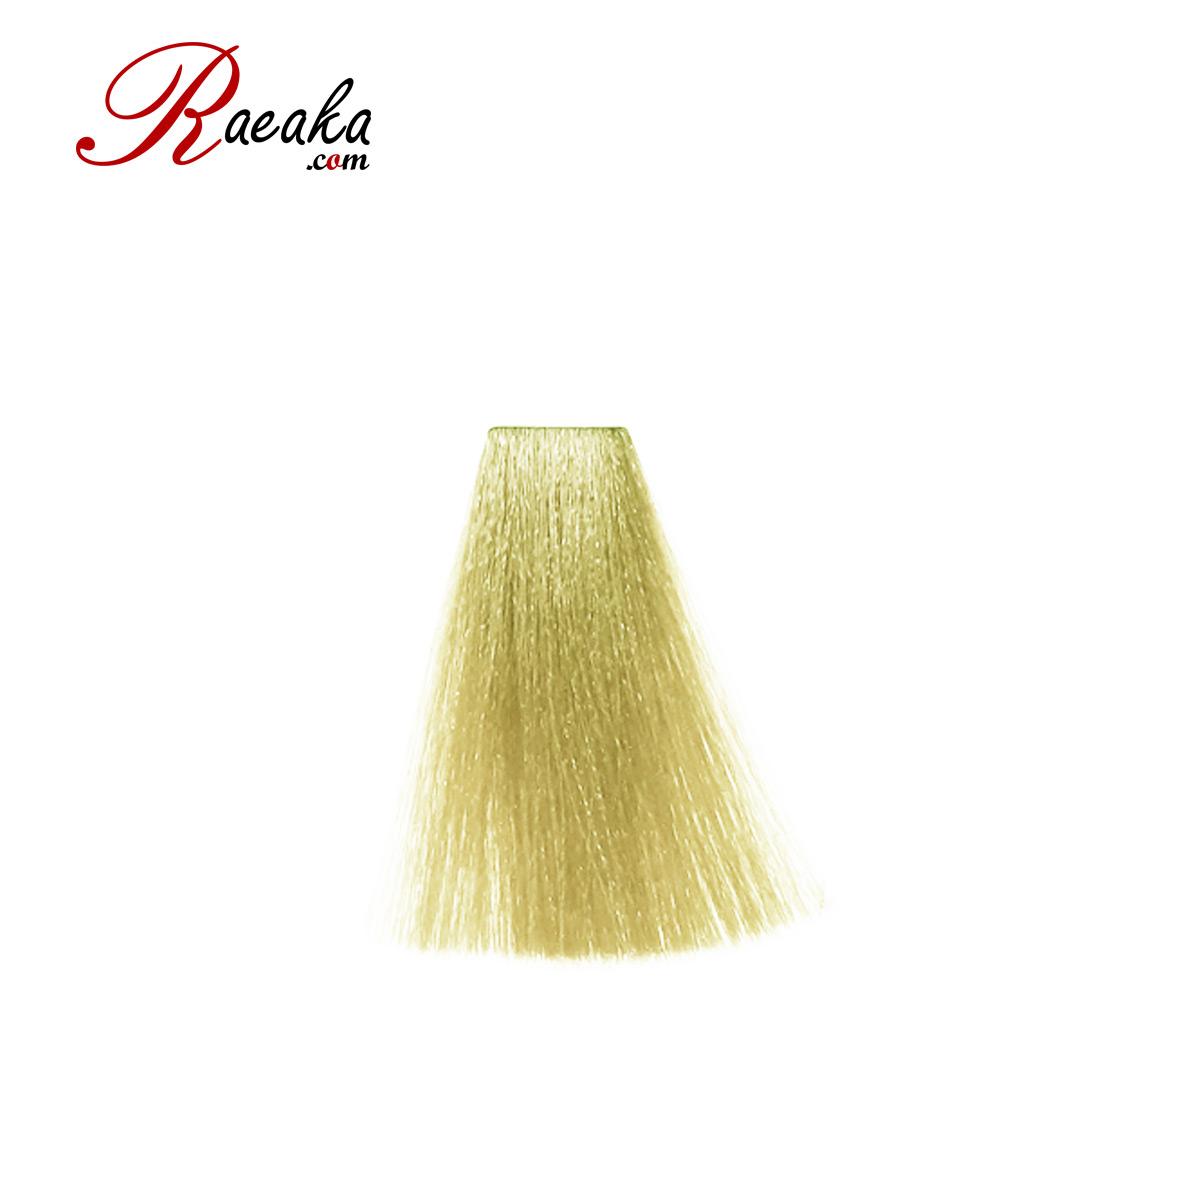 رنگ مو دوشس سری بژ شماره 31-10 حجم 125 میل لیتر